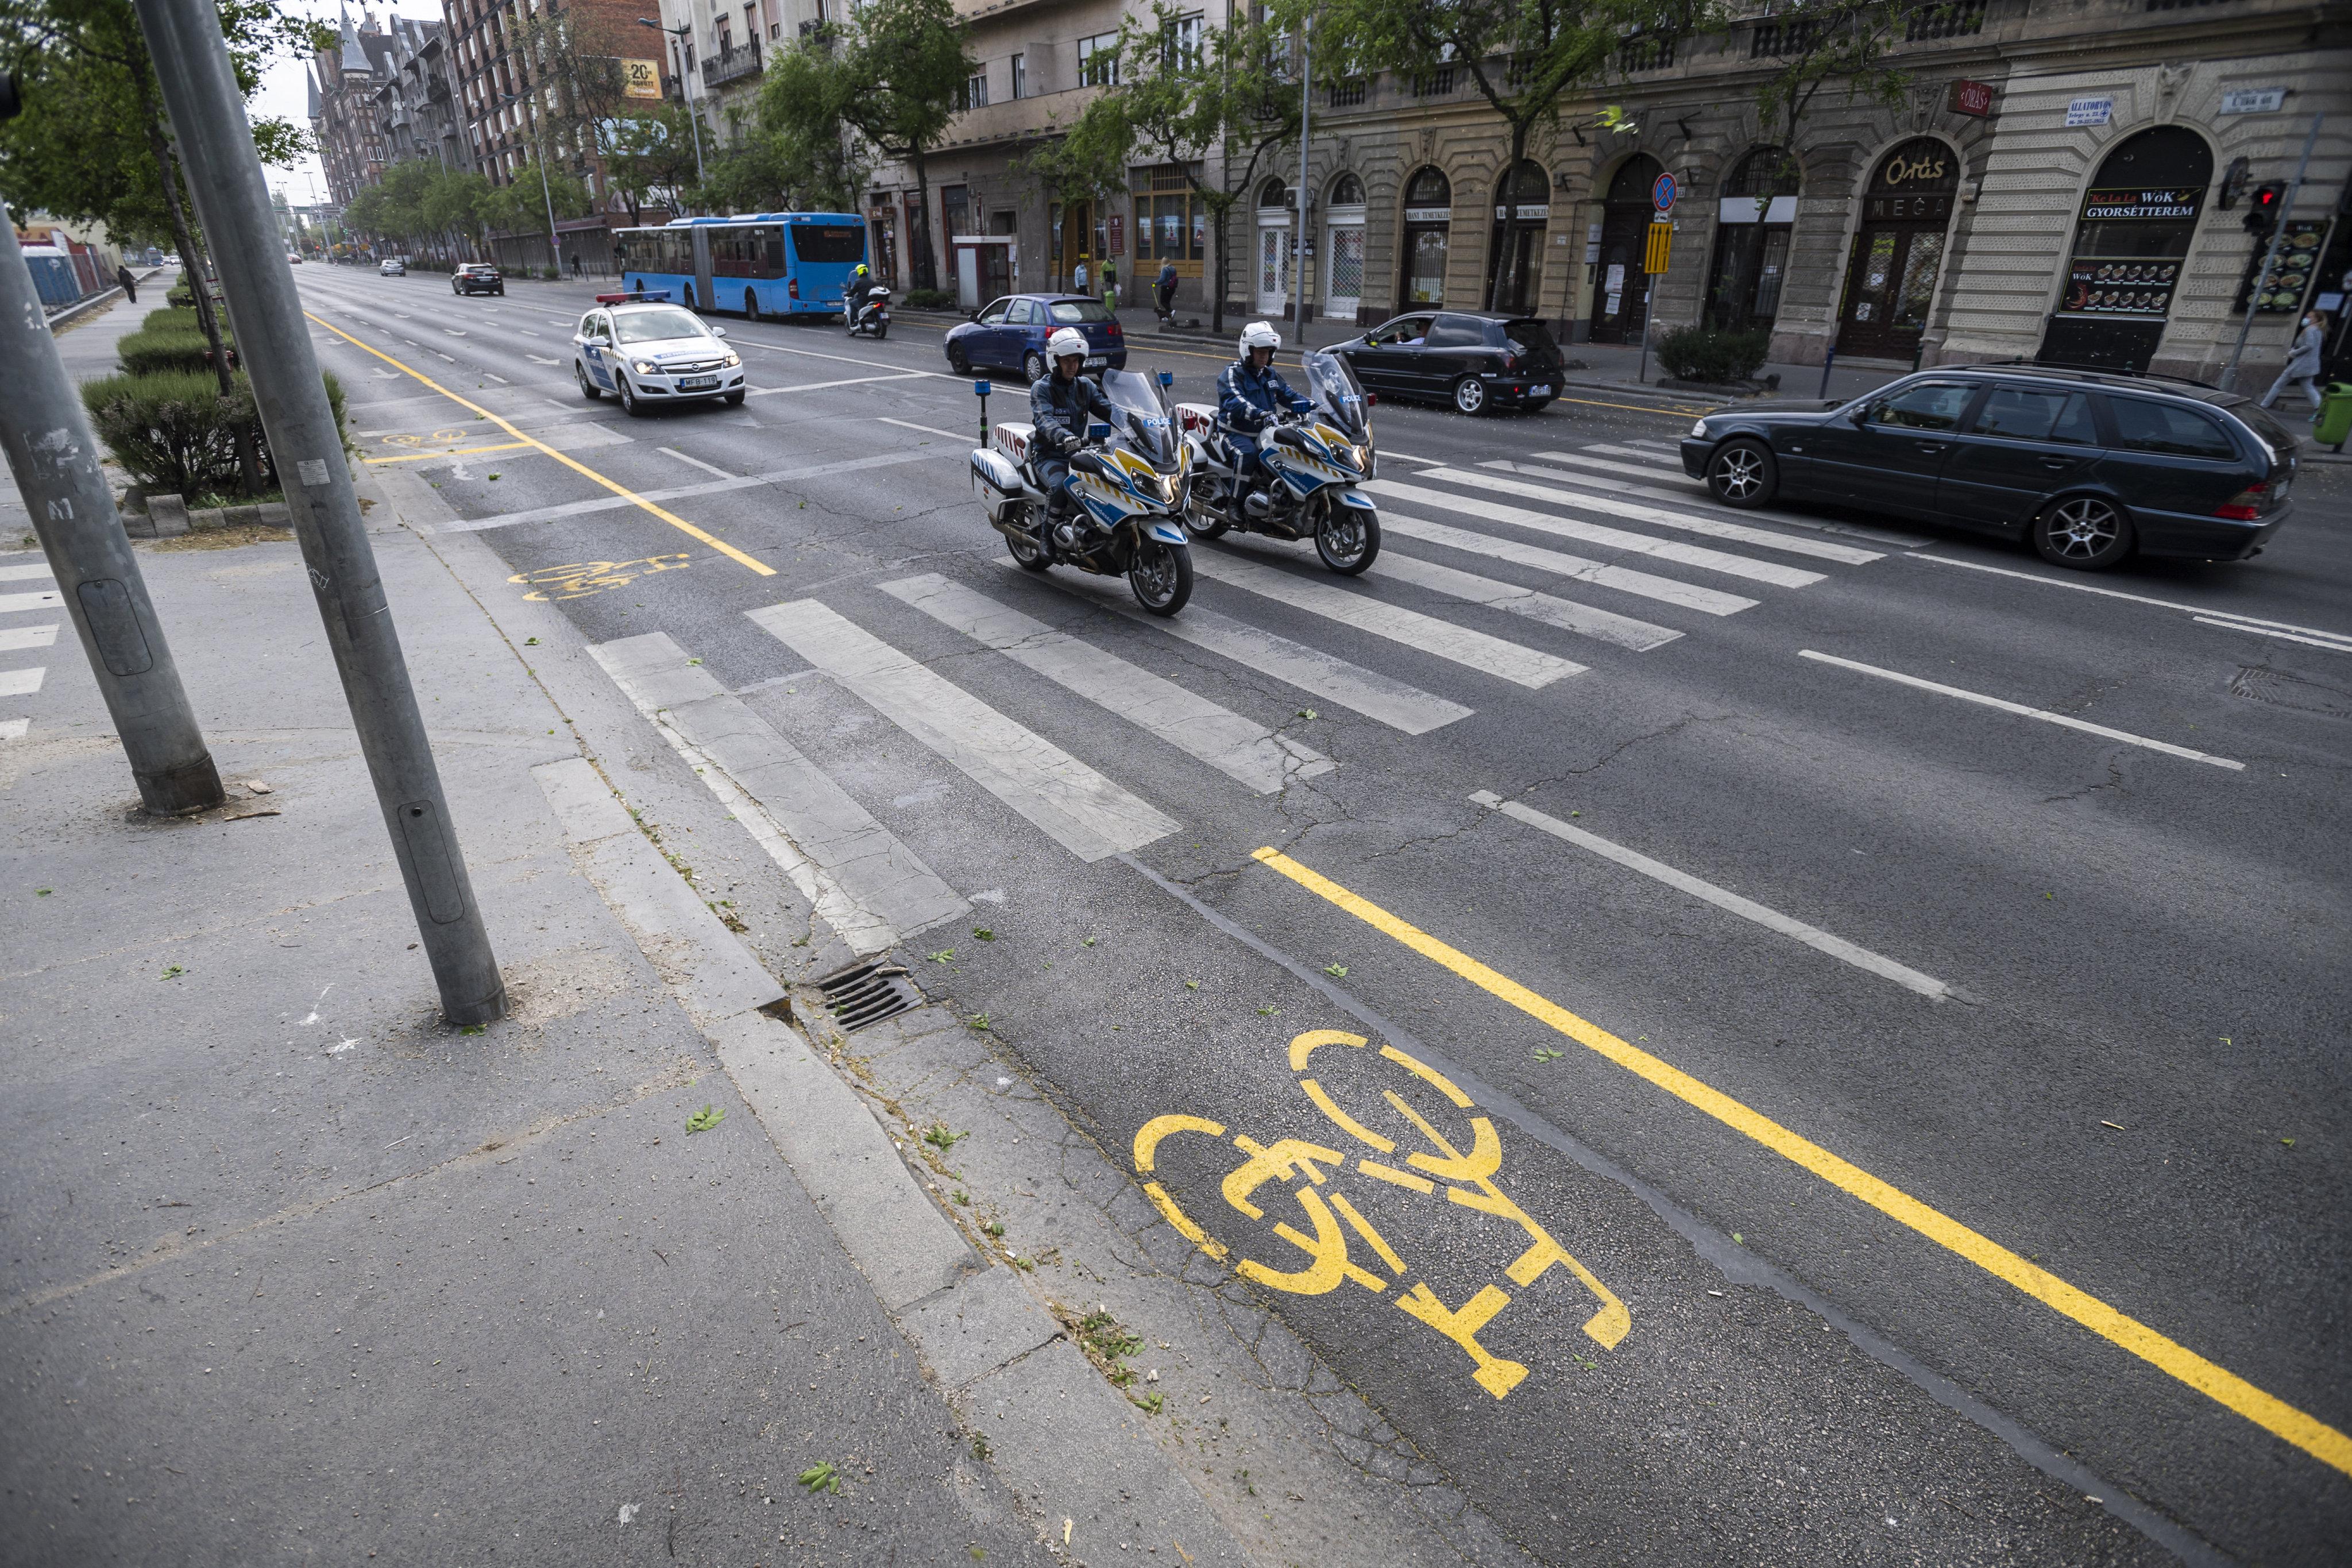 A járvány idejére kerékpársávot létesítenek a Nagykörúton